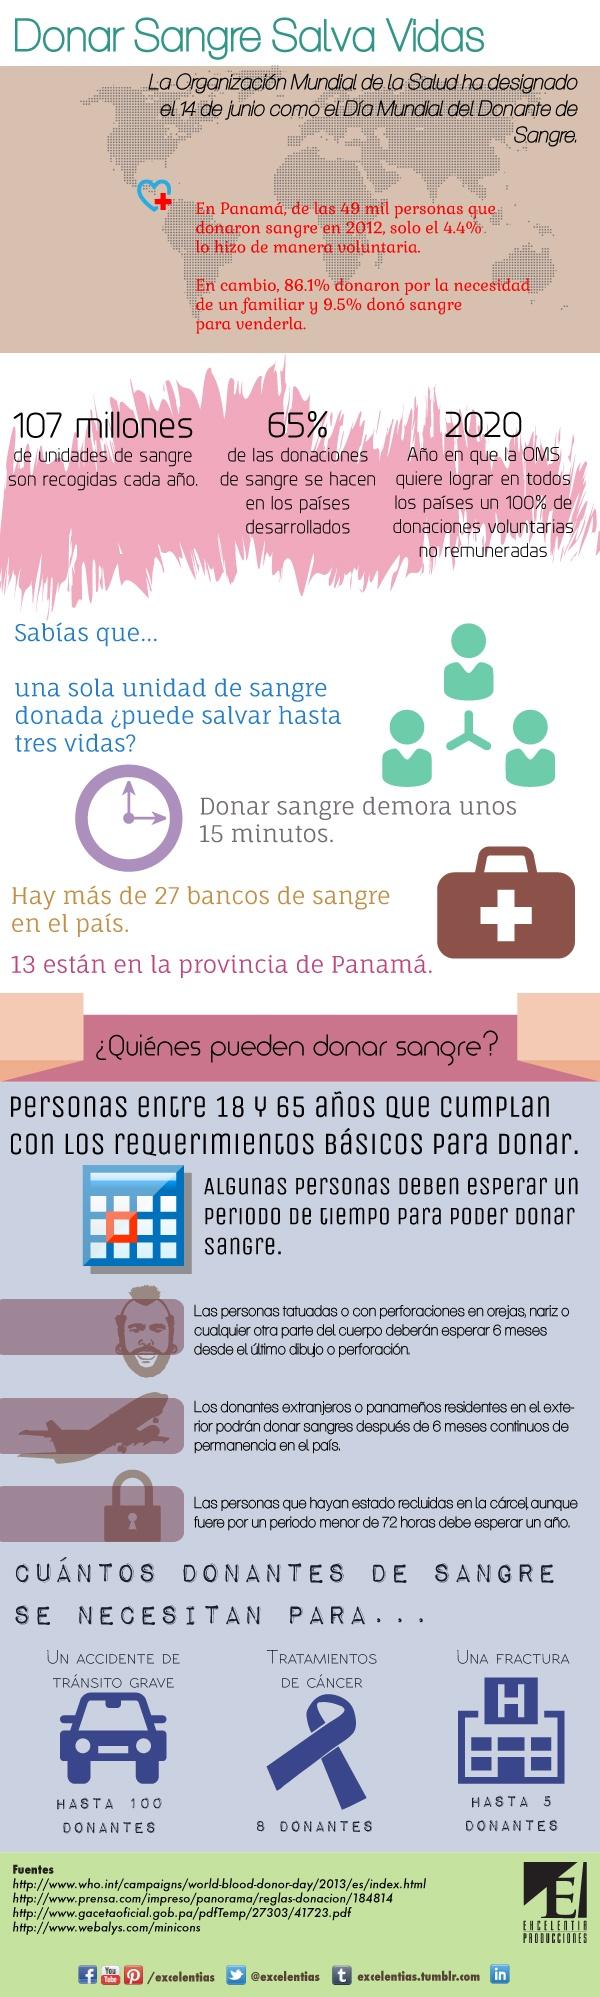 Hoy es el Día Mundial del Donante de Sangre. Comparta esta infografía y #Done Sangre. Crédito: Excelentia Producciones